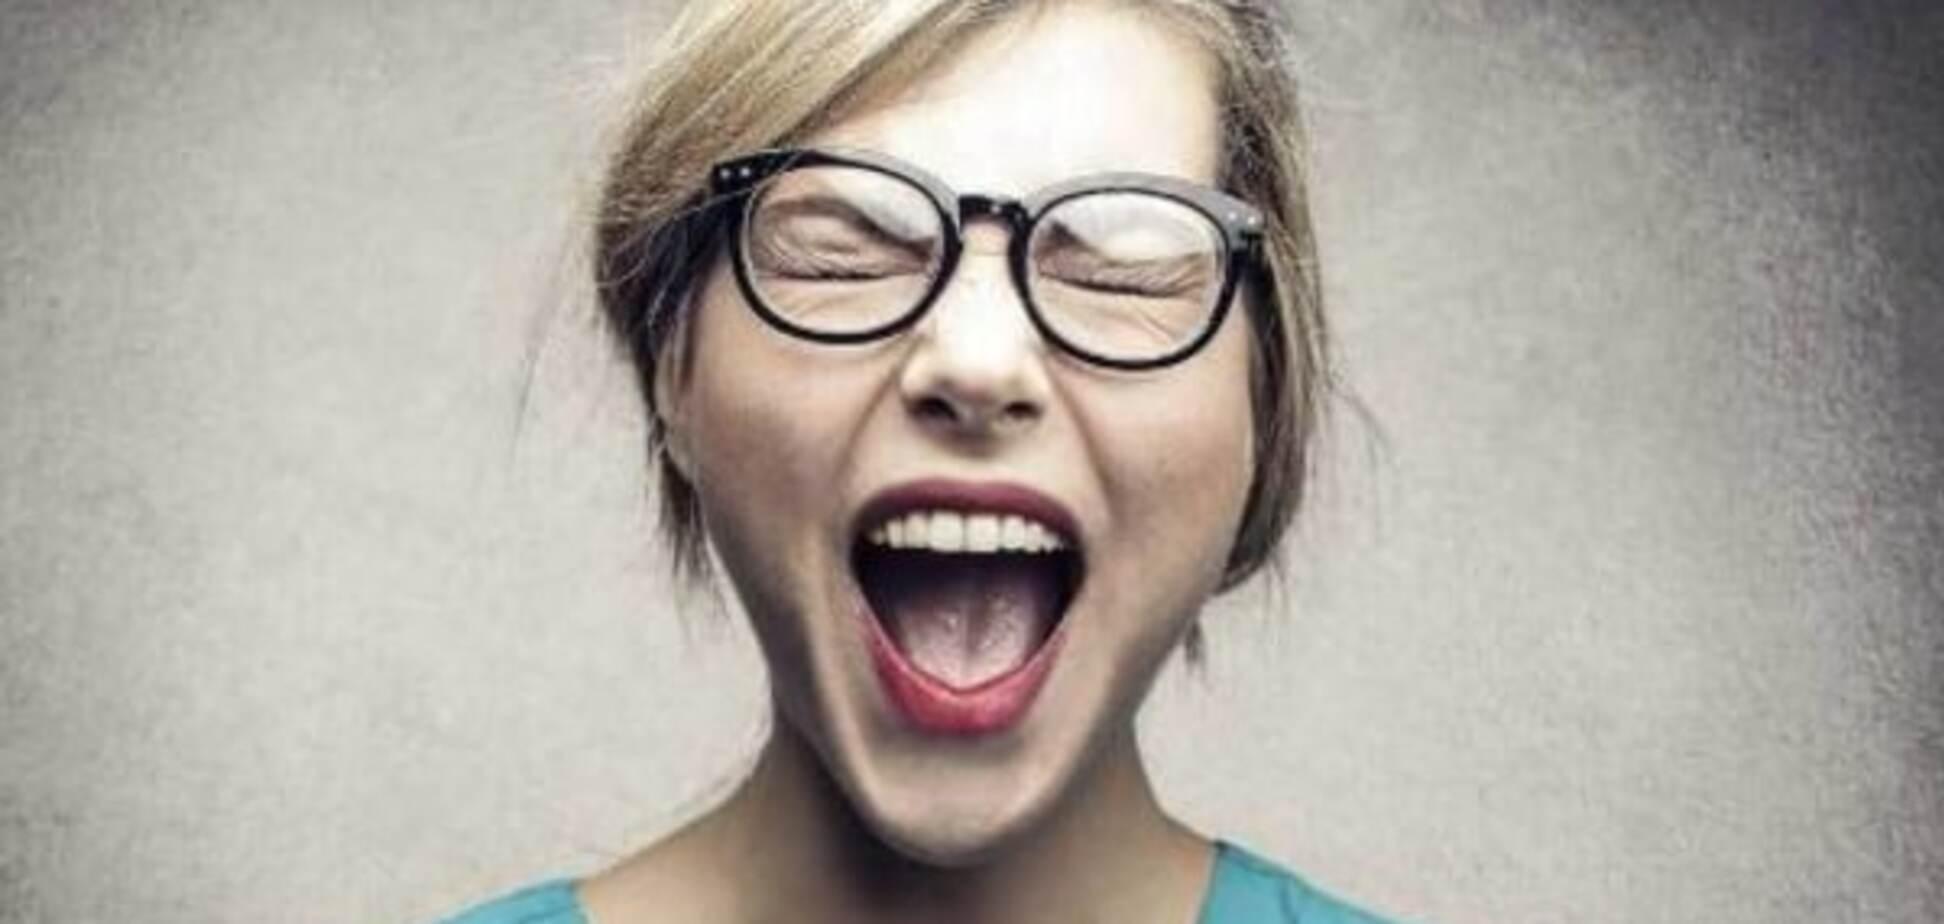 Как контролировать свои эмоции: 5 проверенных методик